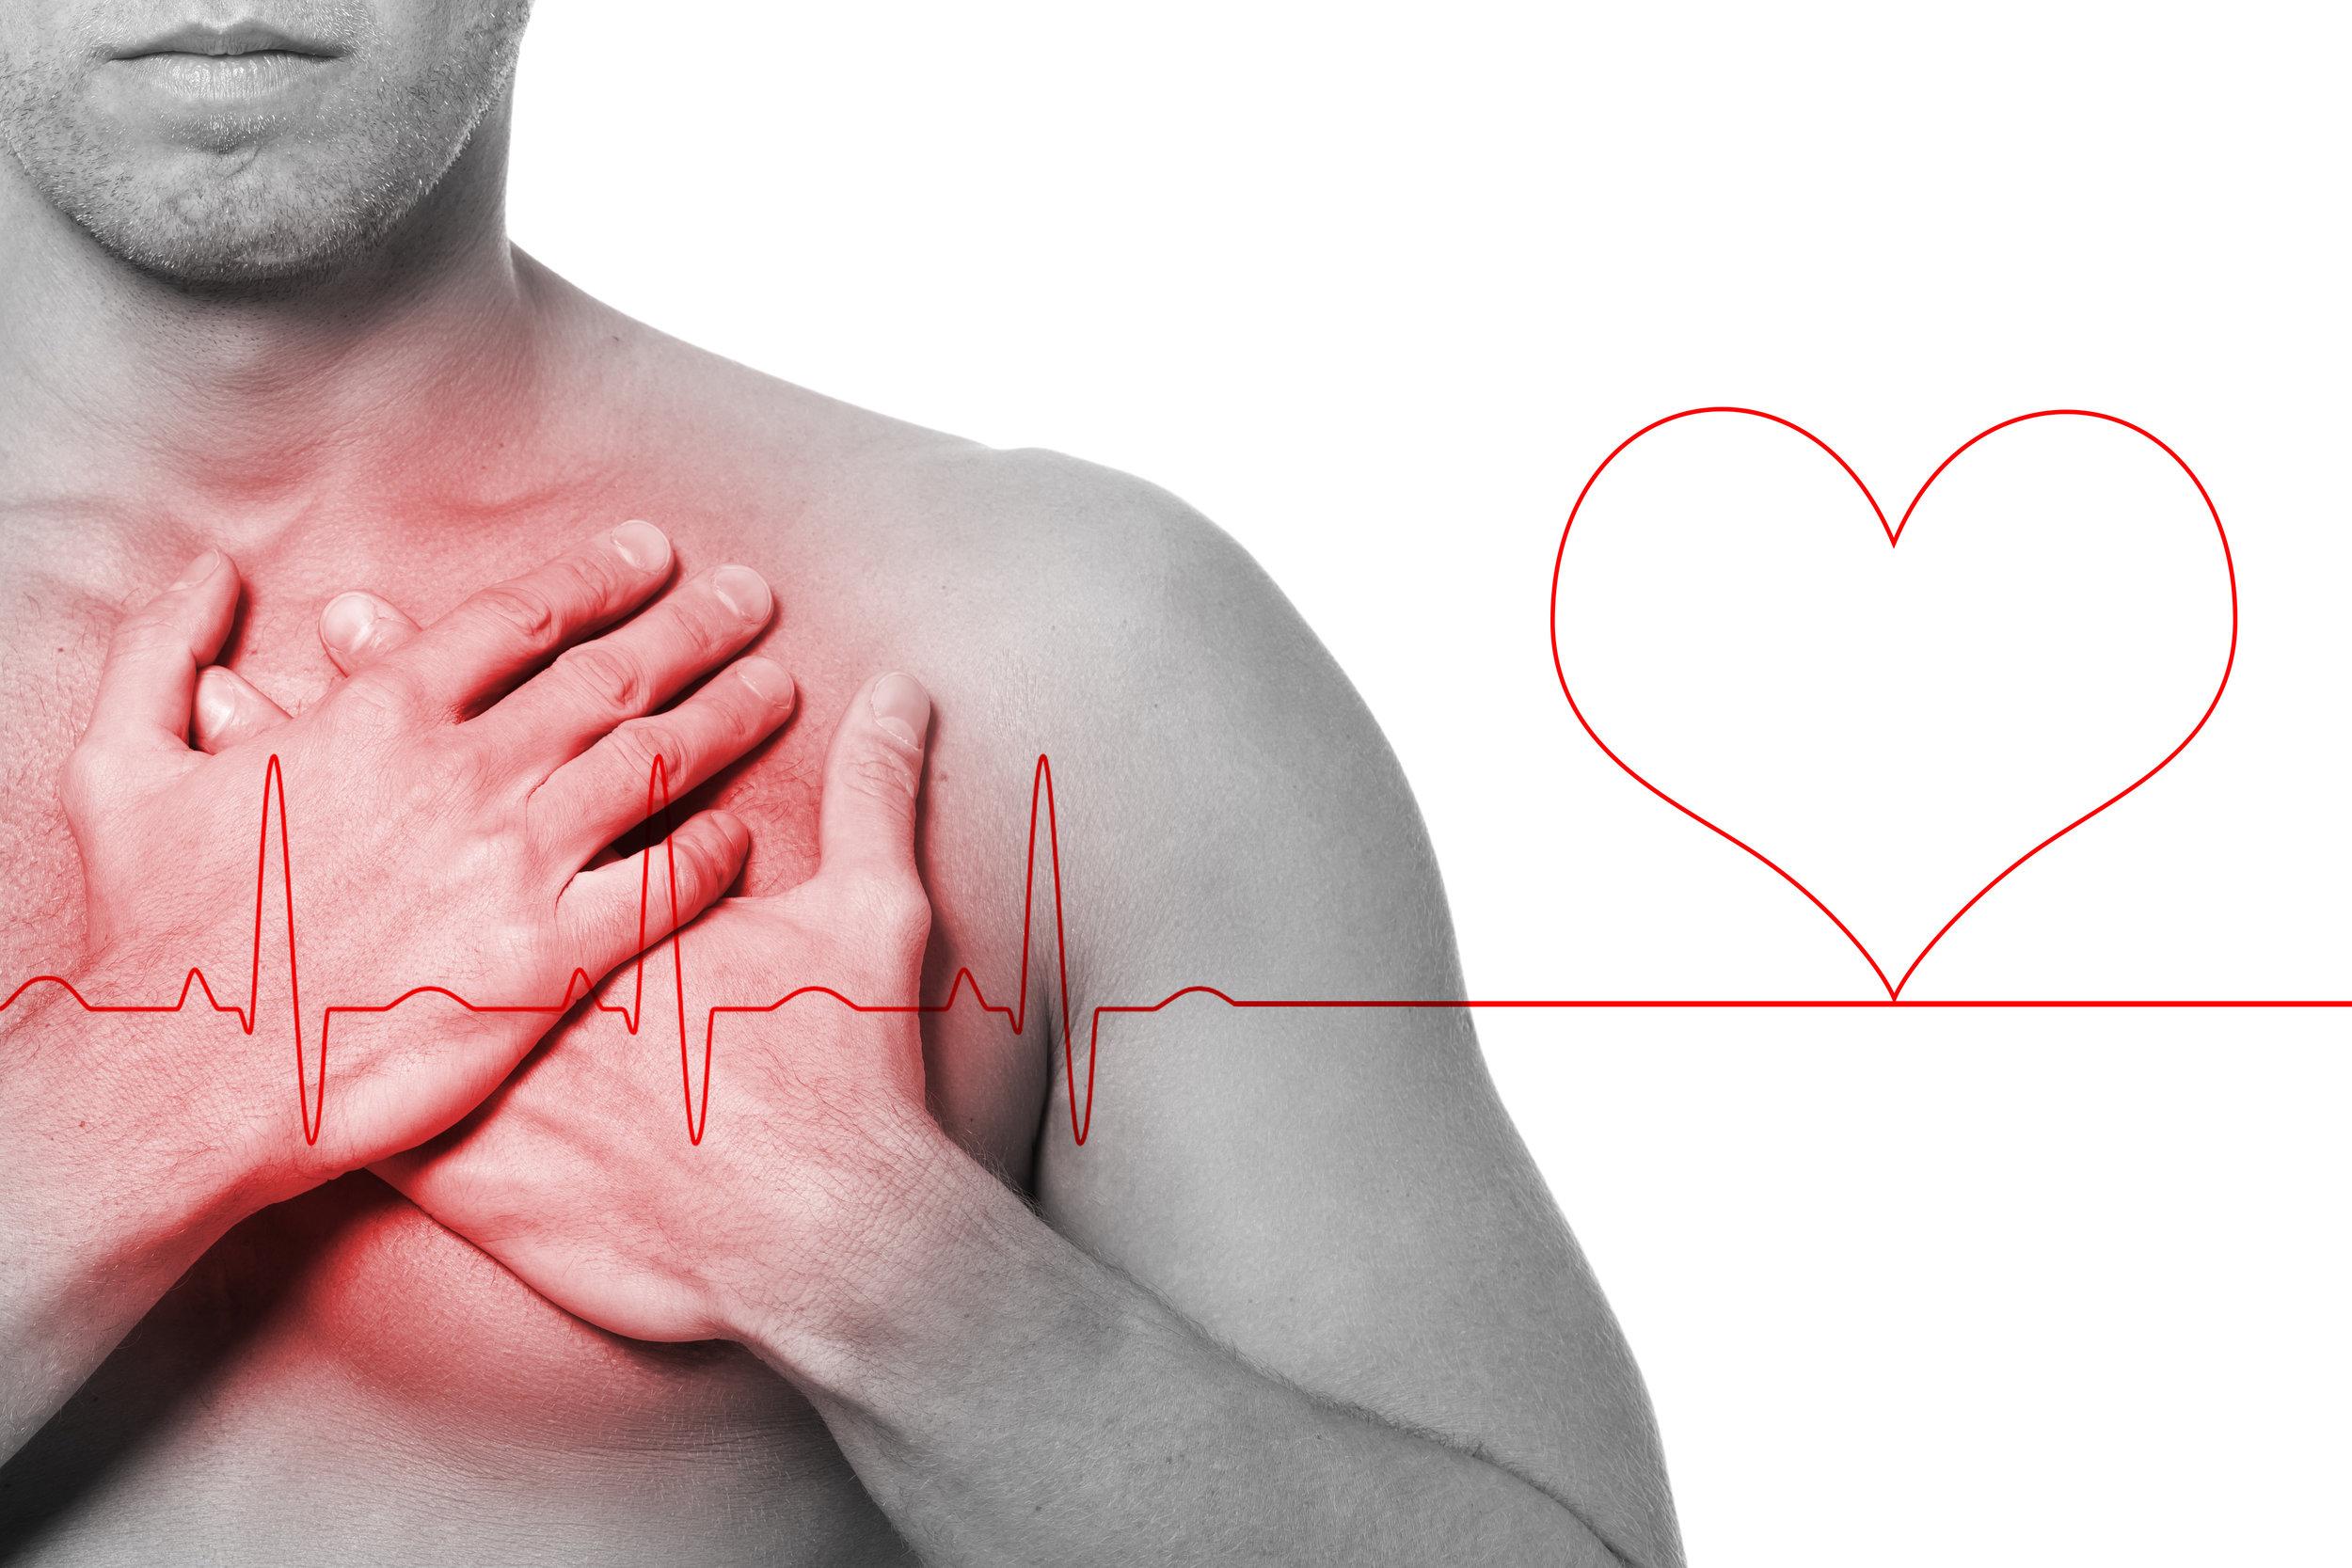 heart-rate-health-hrv.jpg